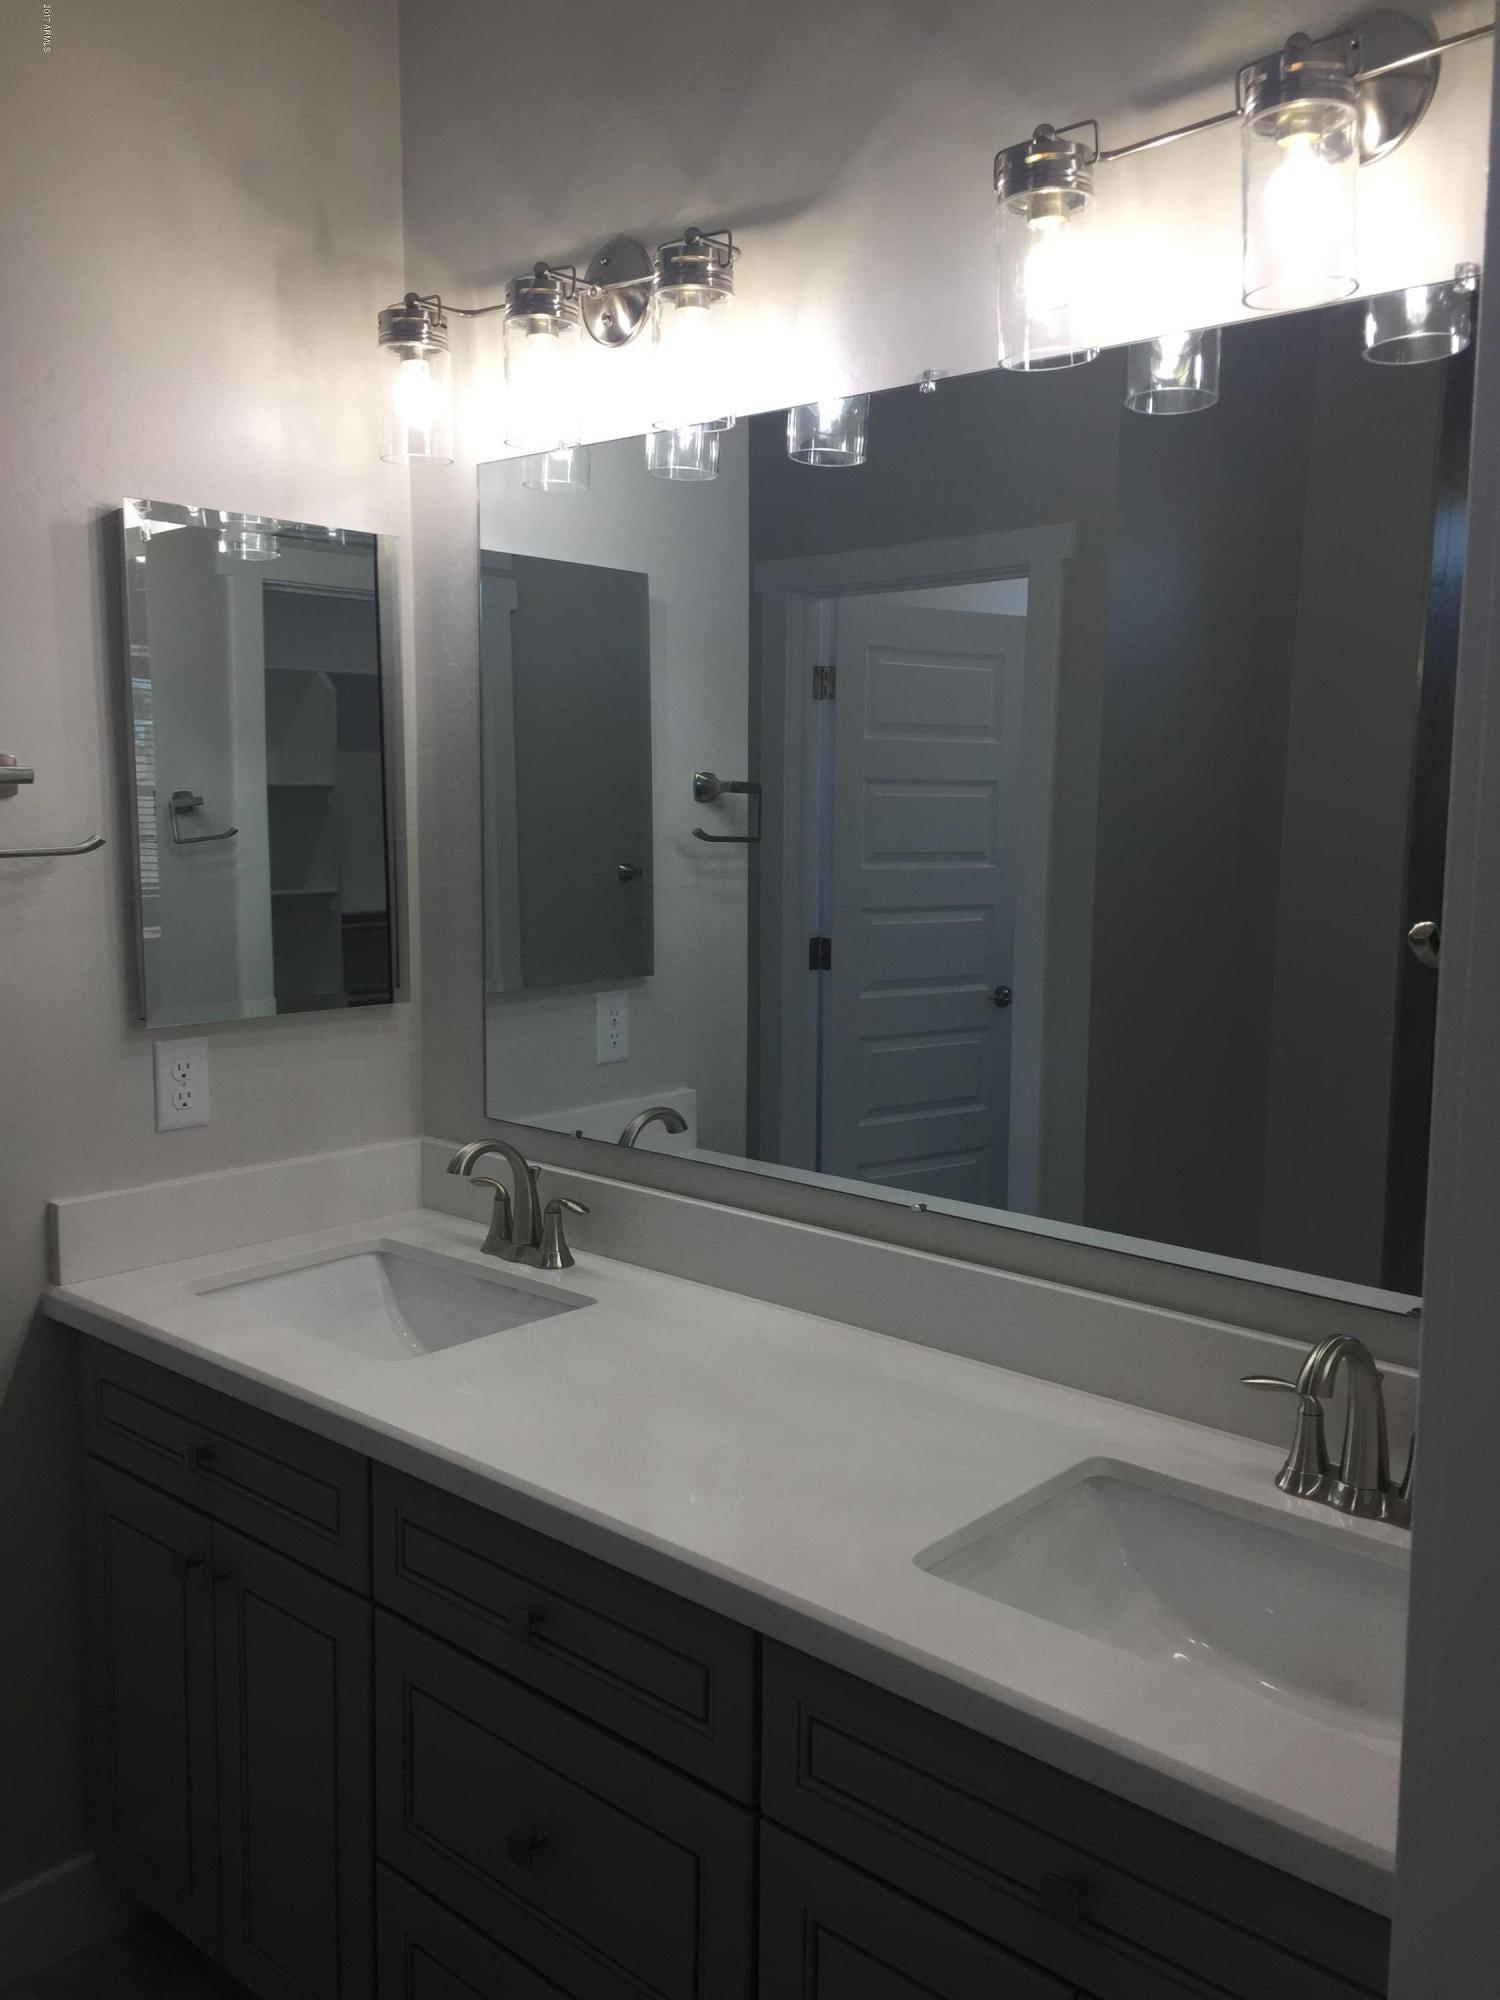 MLS 5671206 4350 W SHAW BUTTE Drive, Glendale, AZ Glendale AZ Newly Built